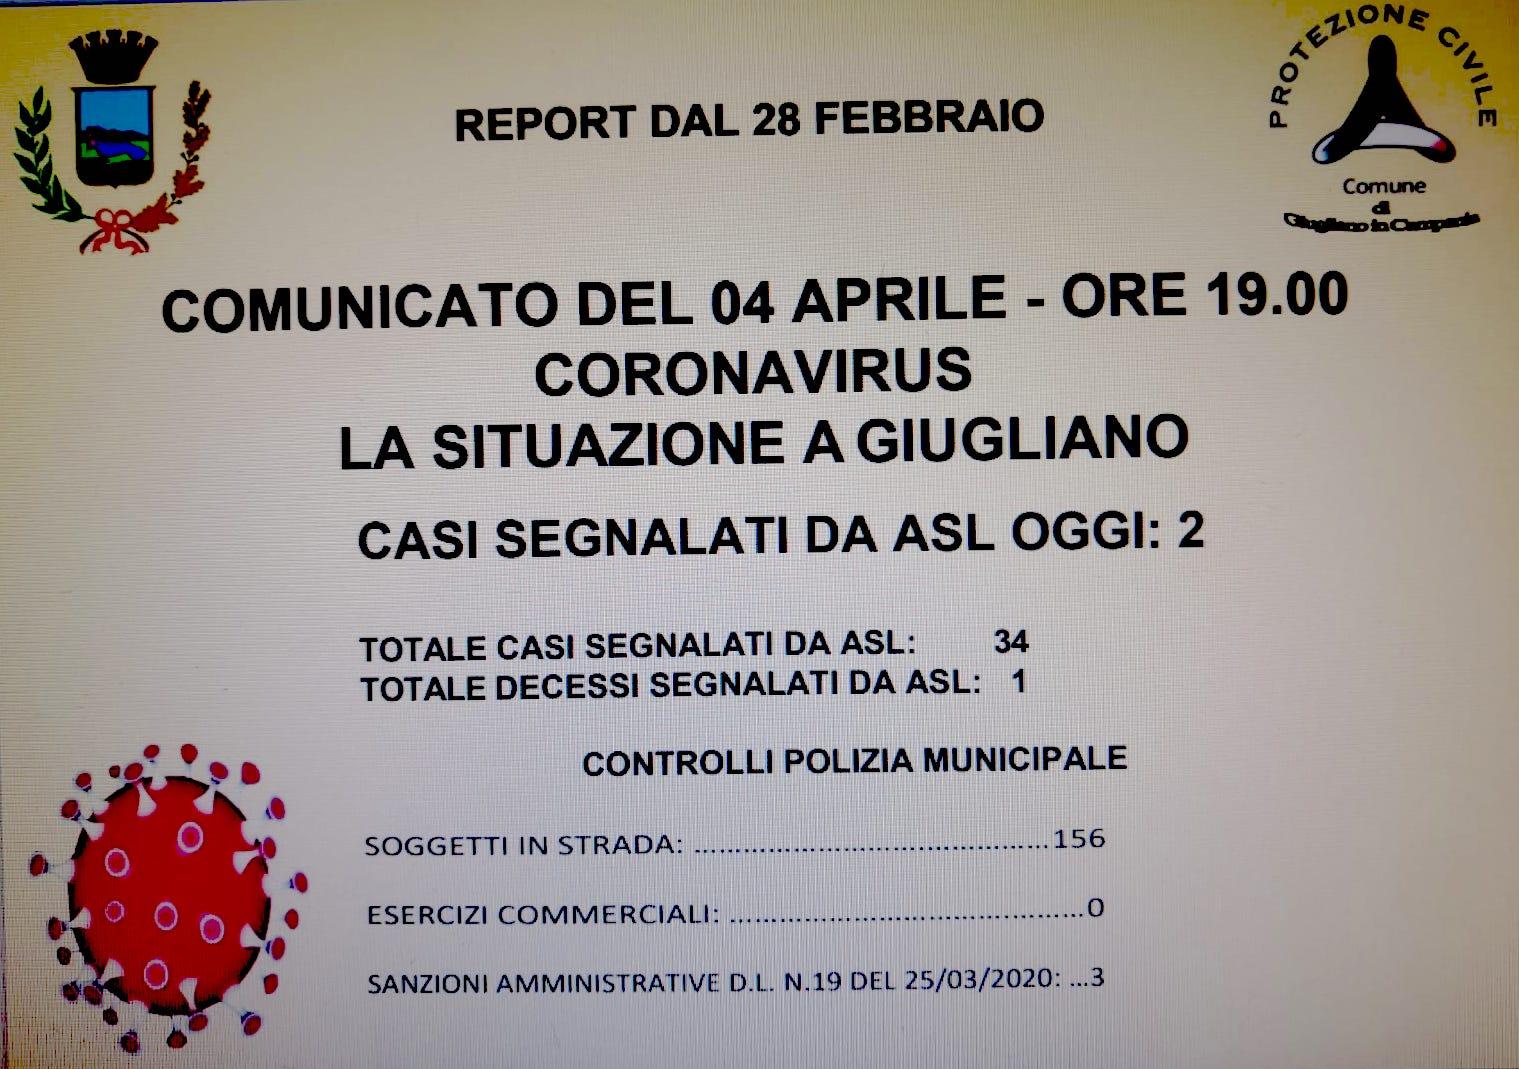 Coronavirus, a Giugliano altri due casi positivi: salgono a 34 le persone contagiate dal covid19